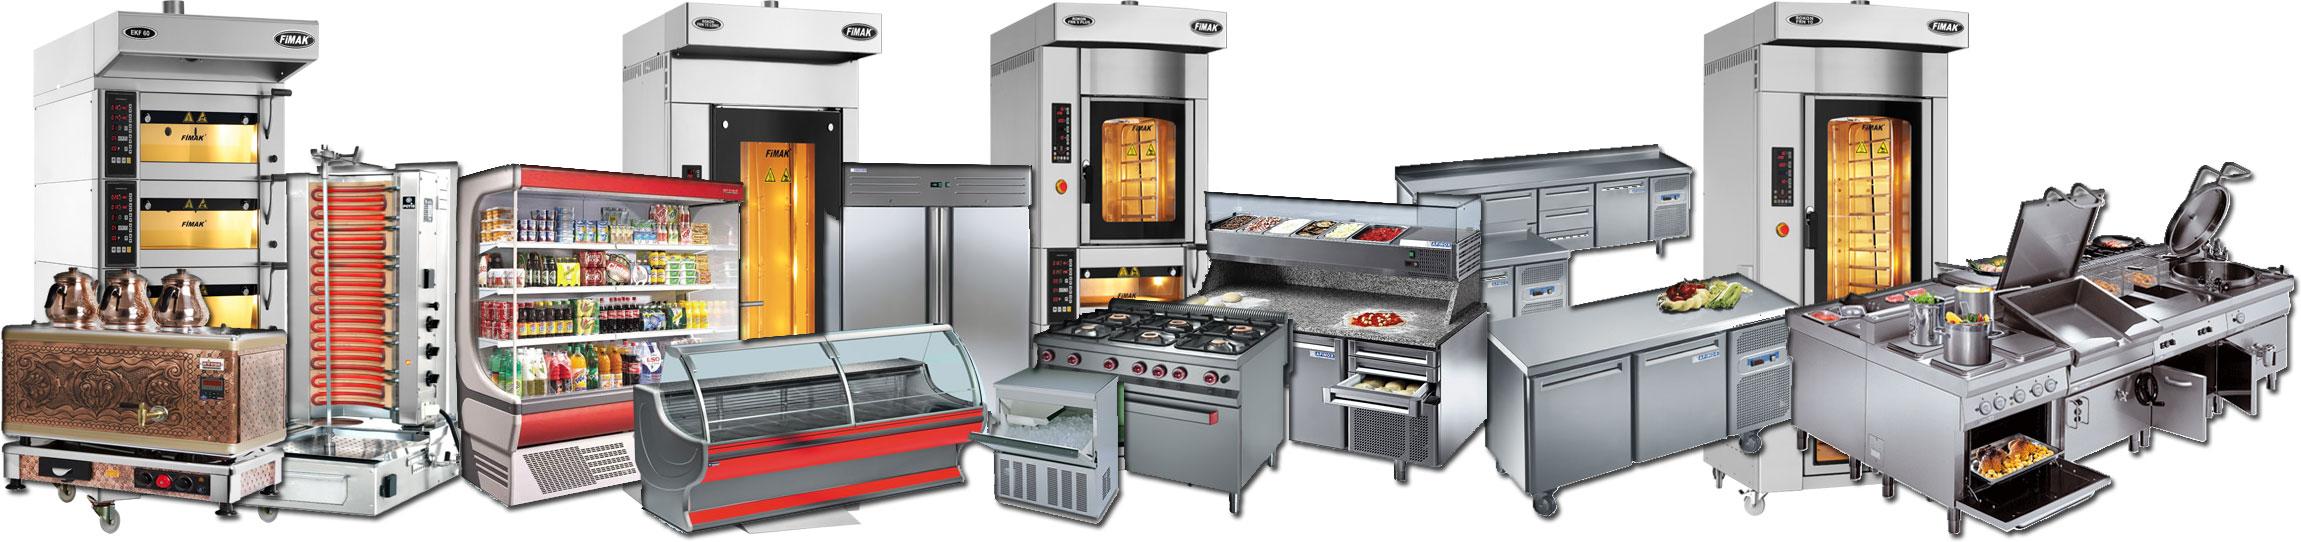 De online groothandel voor professionele horeca apparatuur - HOCO Horeca